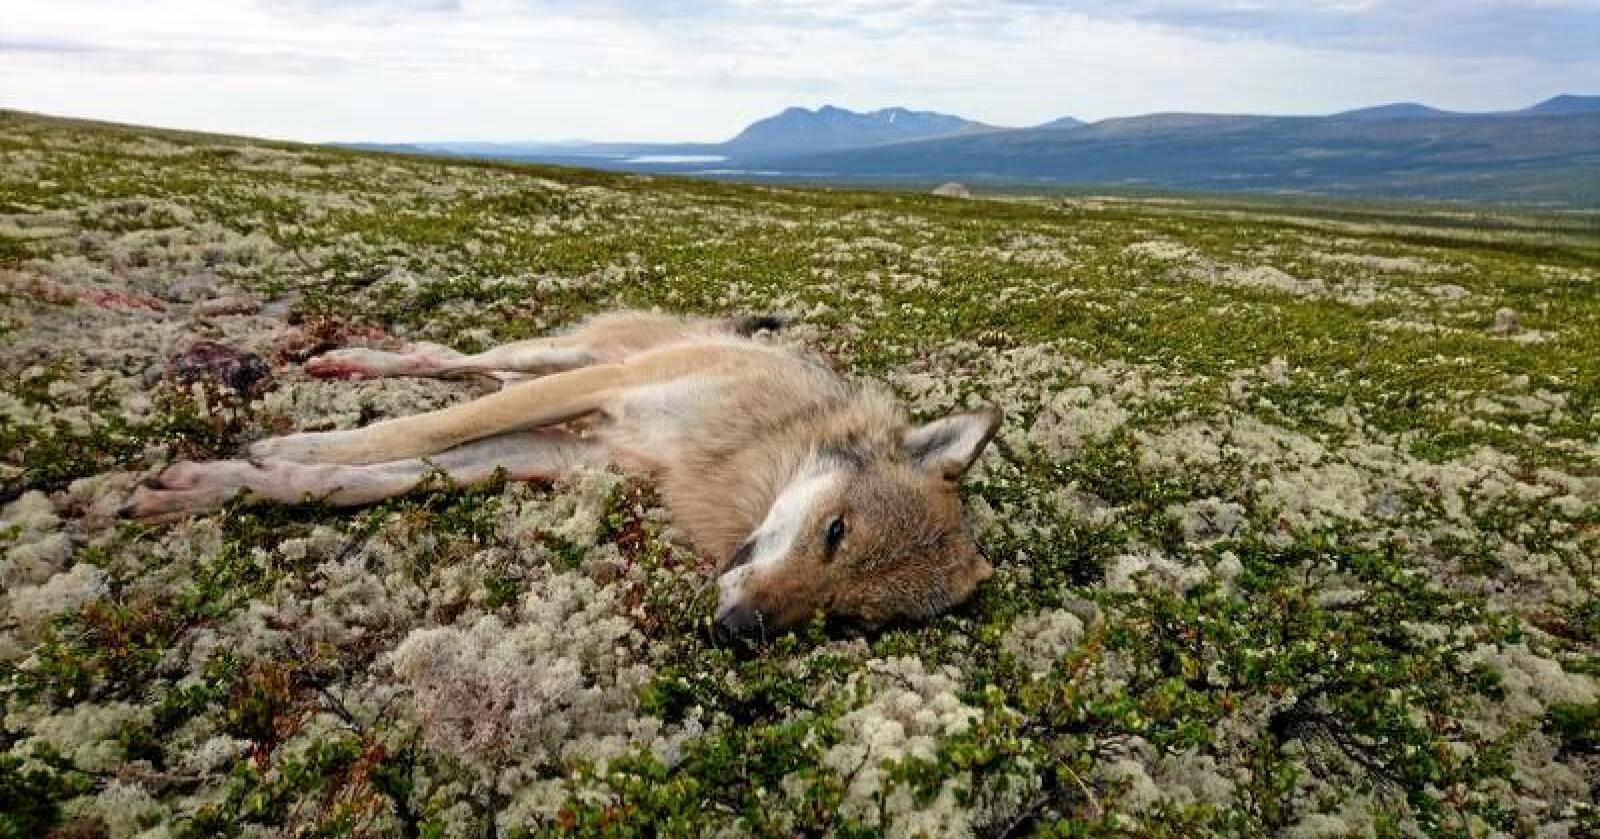 Denne hannulven ble felt i Rendalen i Nord-Østerdalen 28. juni 2018. Foto: SNO